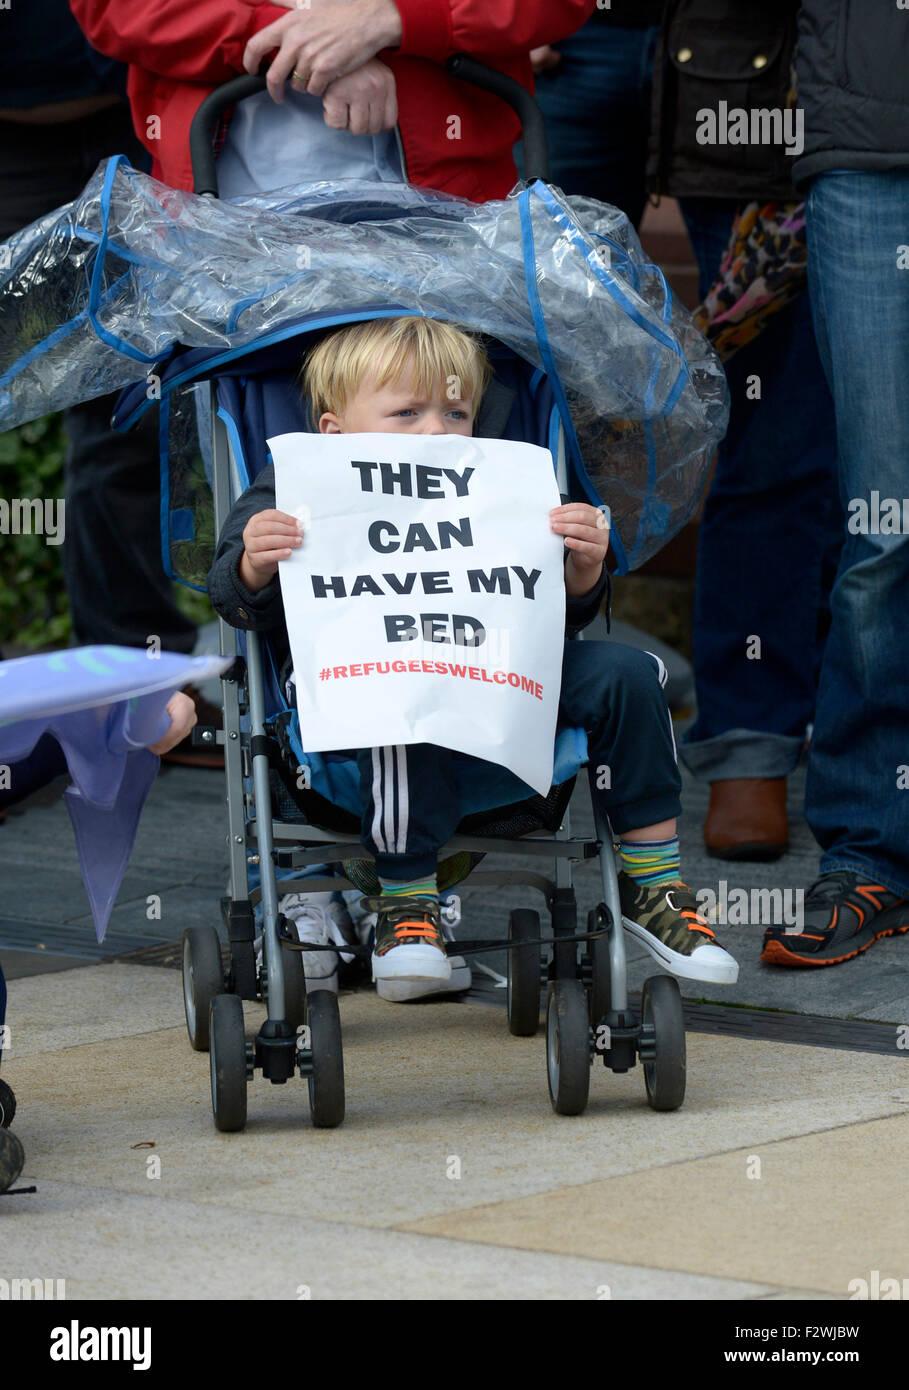 Kleiner Junge im Kinderwagen mit Poster bei einer Kundgebung in Londonderry, Nordirland, zur Unterstützung Stockbild